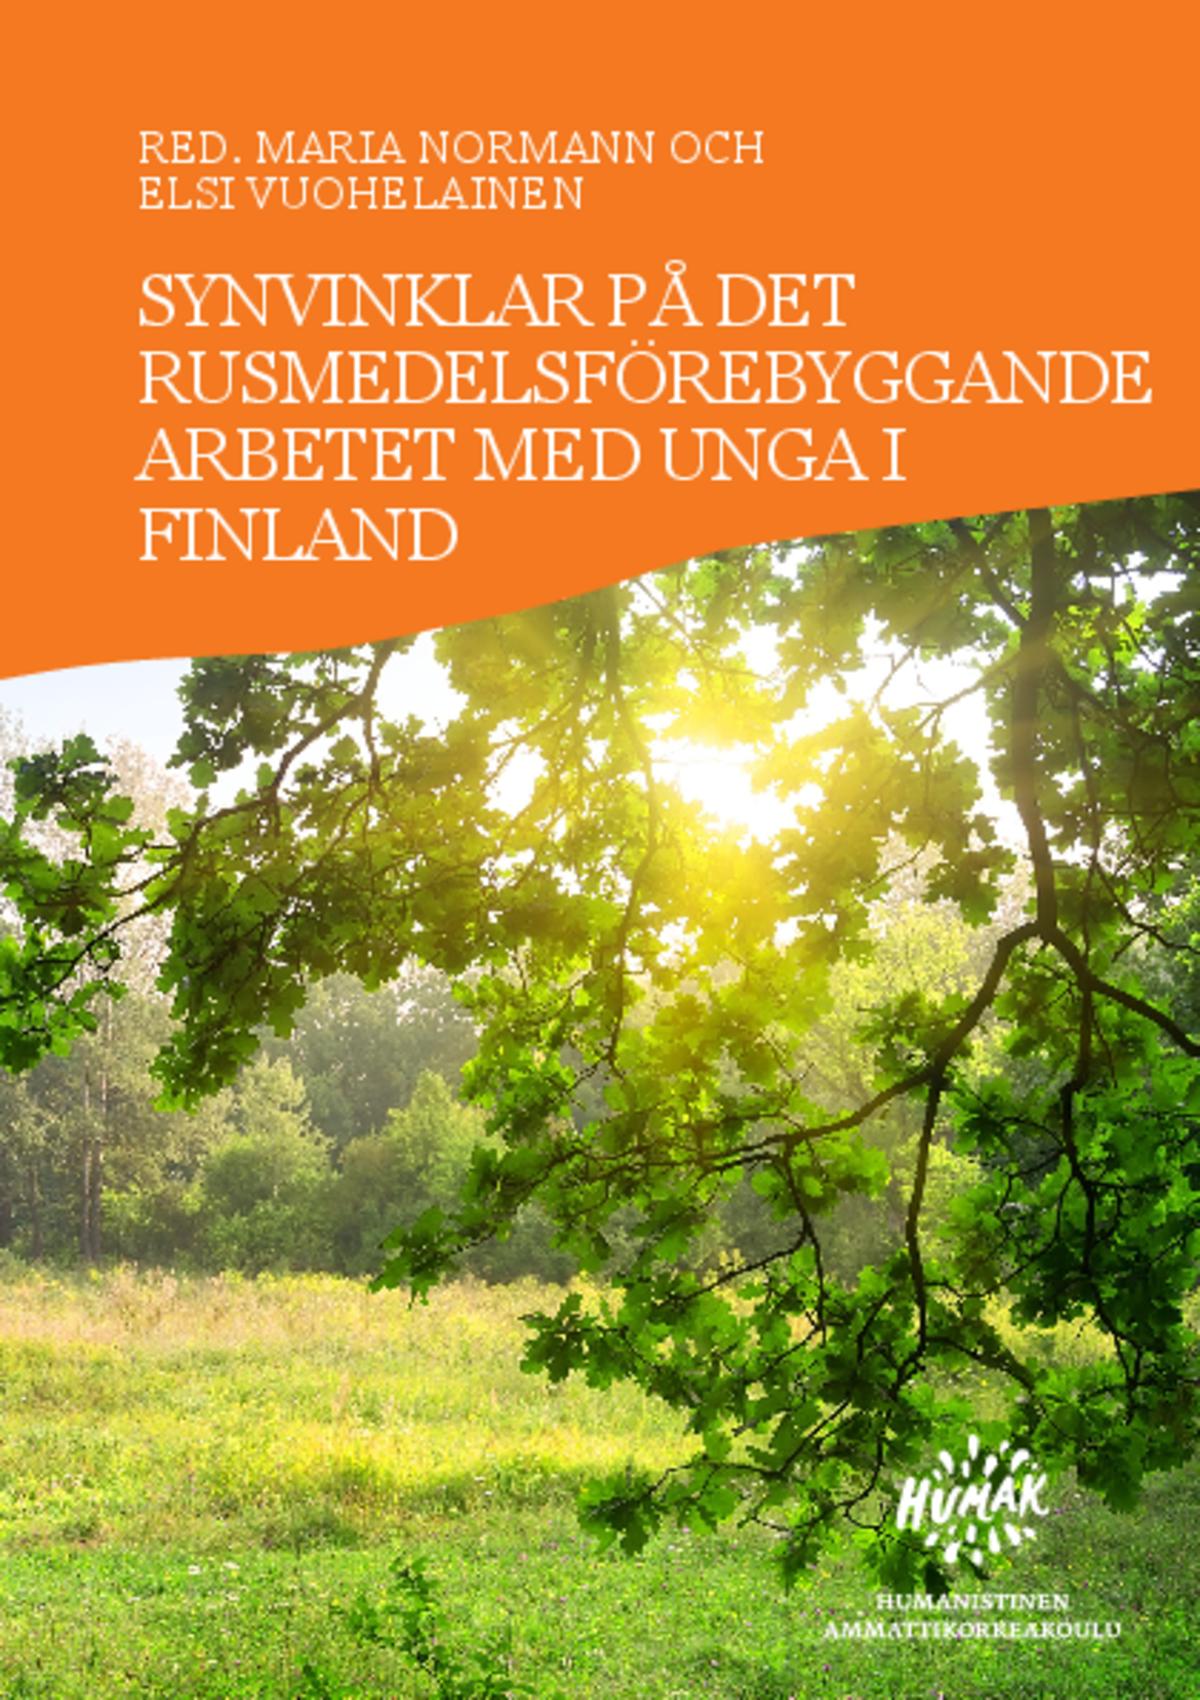 Synvinklar på det rusmedelsförebyggande arbetet med unga i Finland